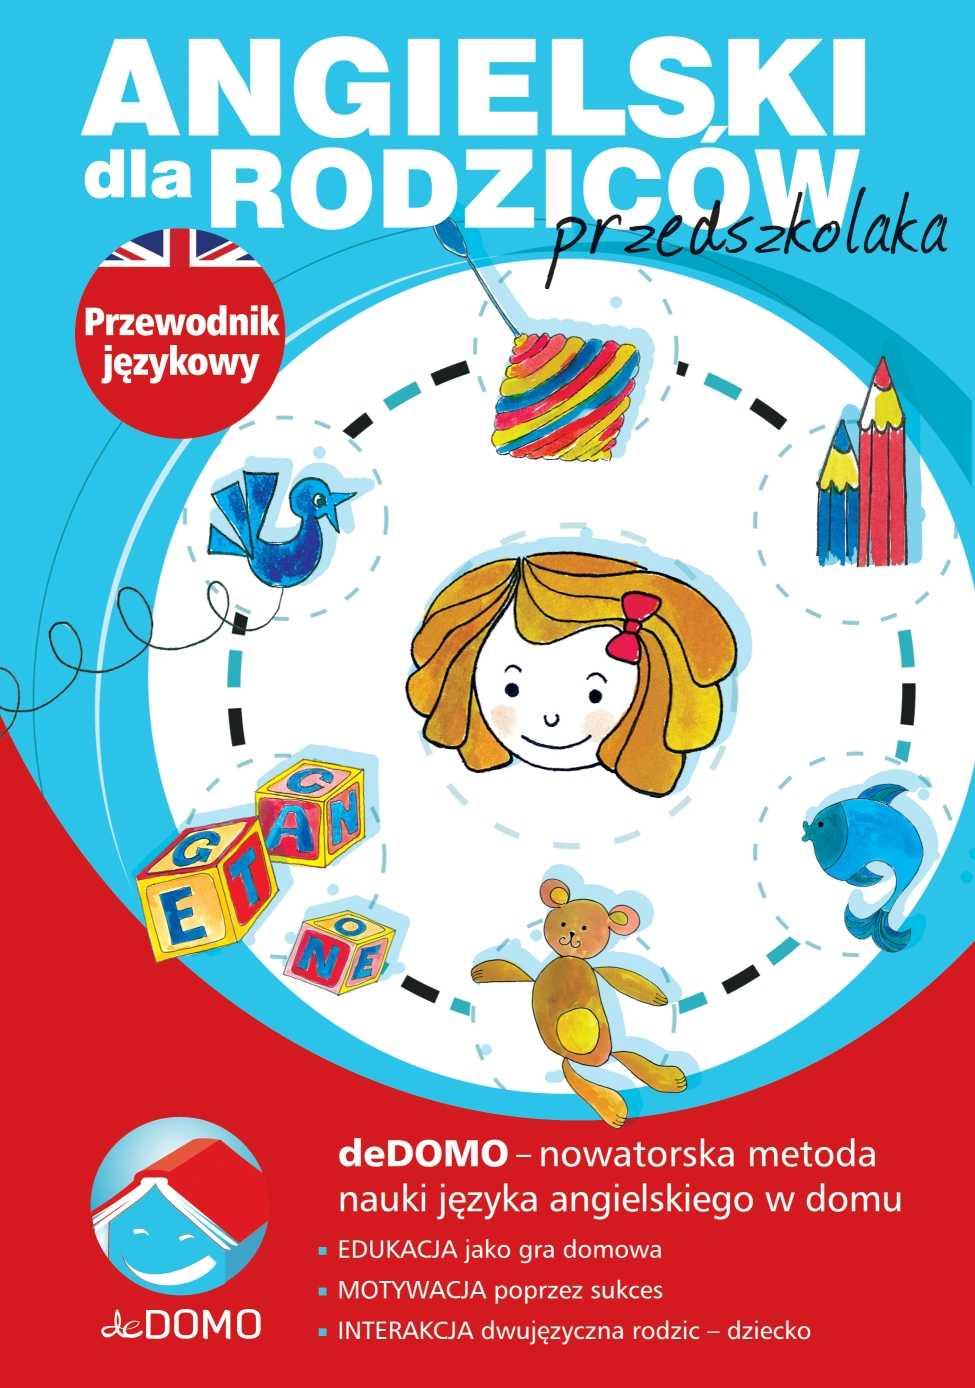 Angielski dla rodziców przedszkolaka. Przewodnik językowy deDOMO - Ebook (Książka PDF) do pobrania w formacie PDF